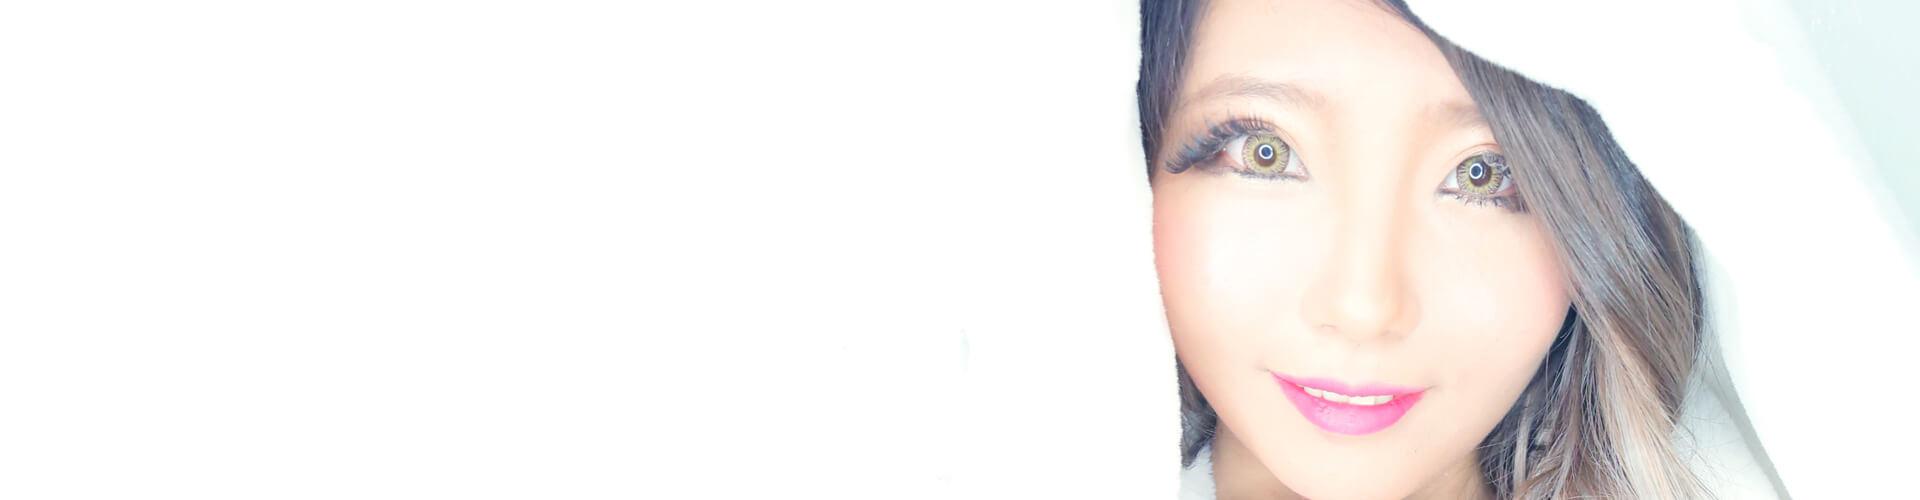 錦糸町デリヘル風俗|錦糸町 小岩 デリバリーヘルス【キャンパスサミット錦糸町店】モデルネオン写真